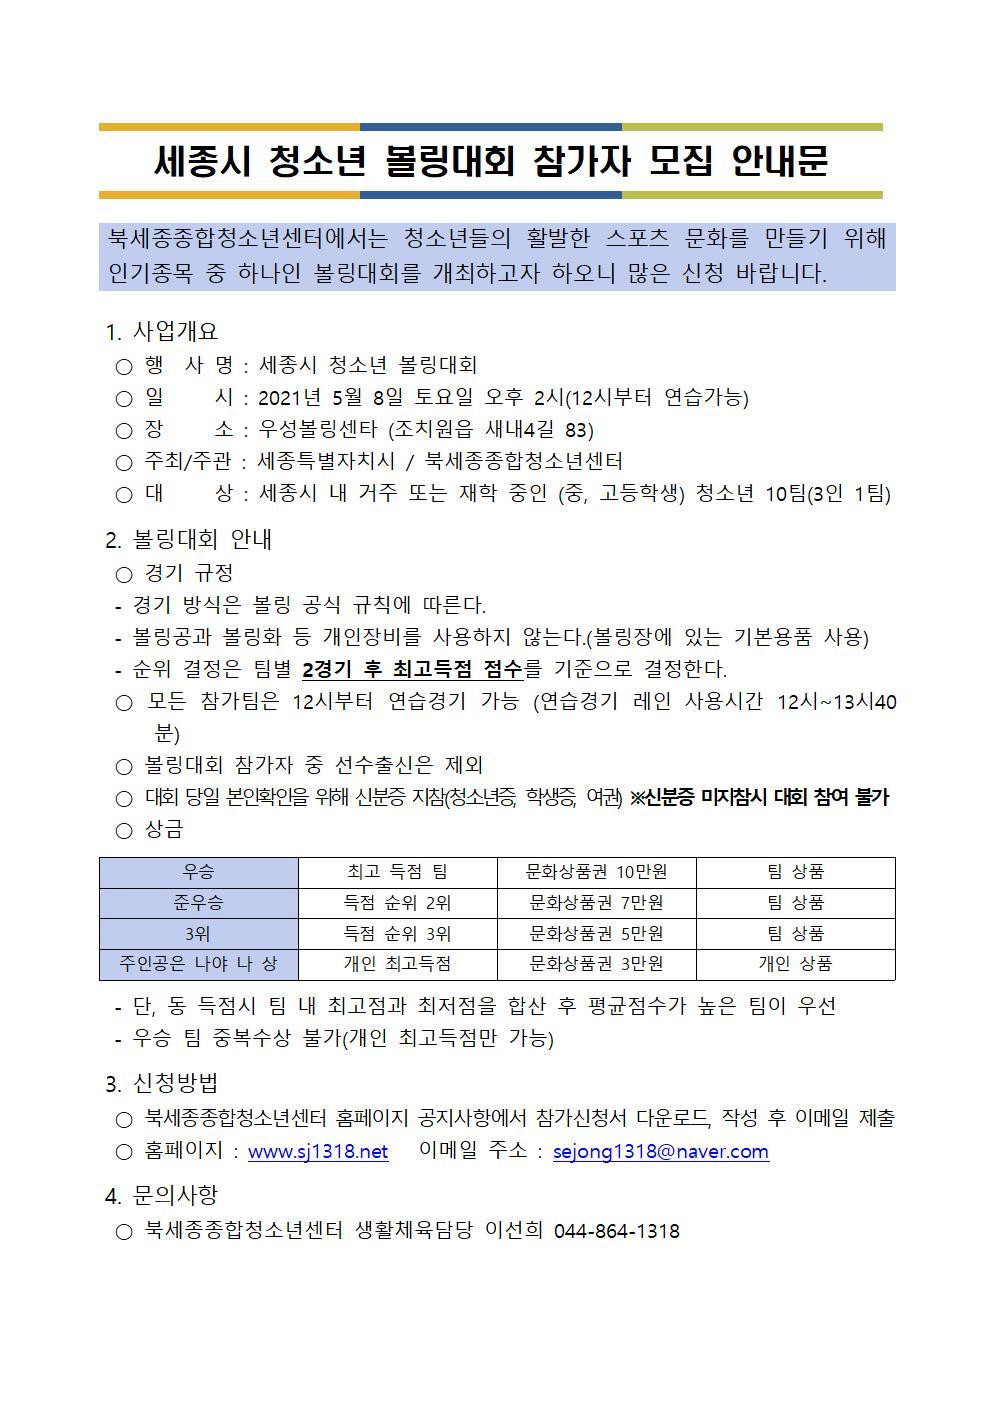 볼링대회 안내문001.jpg